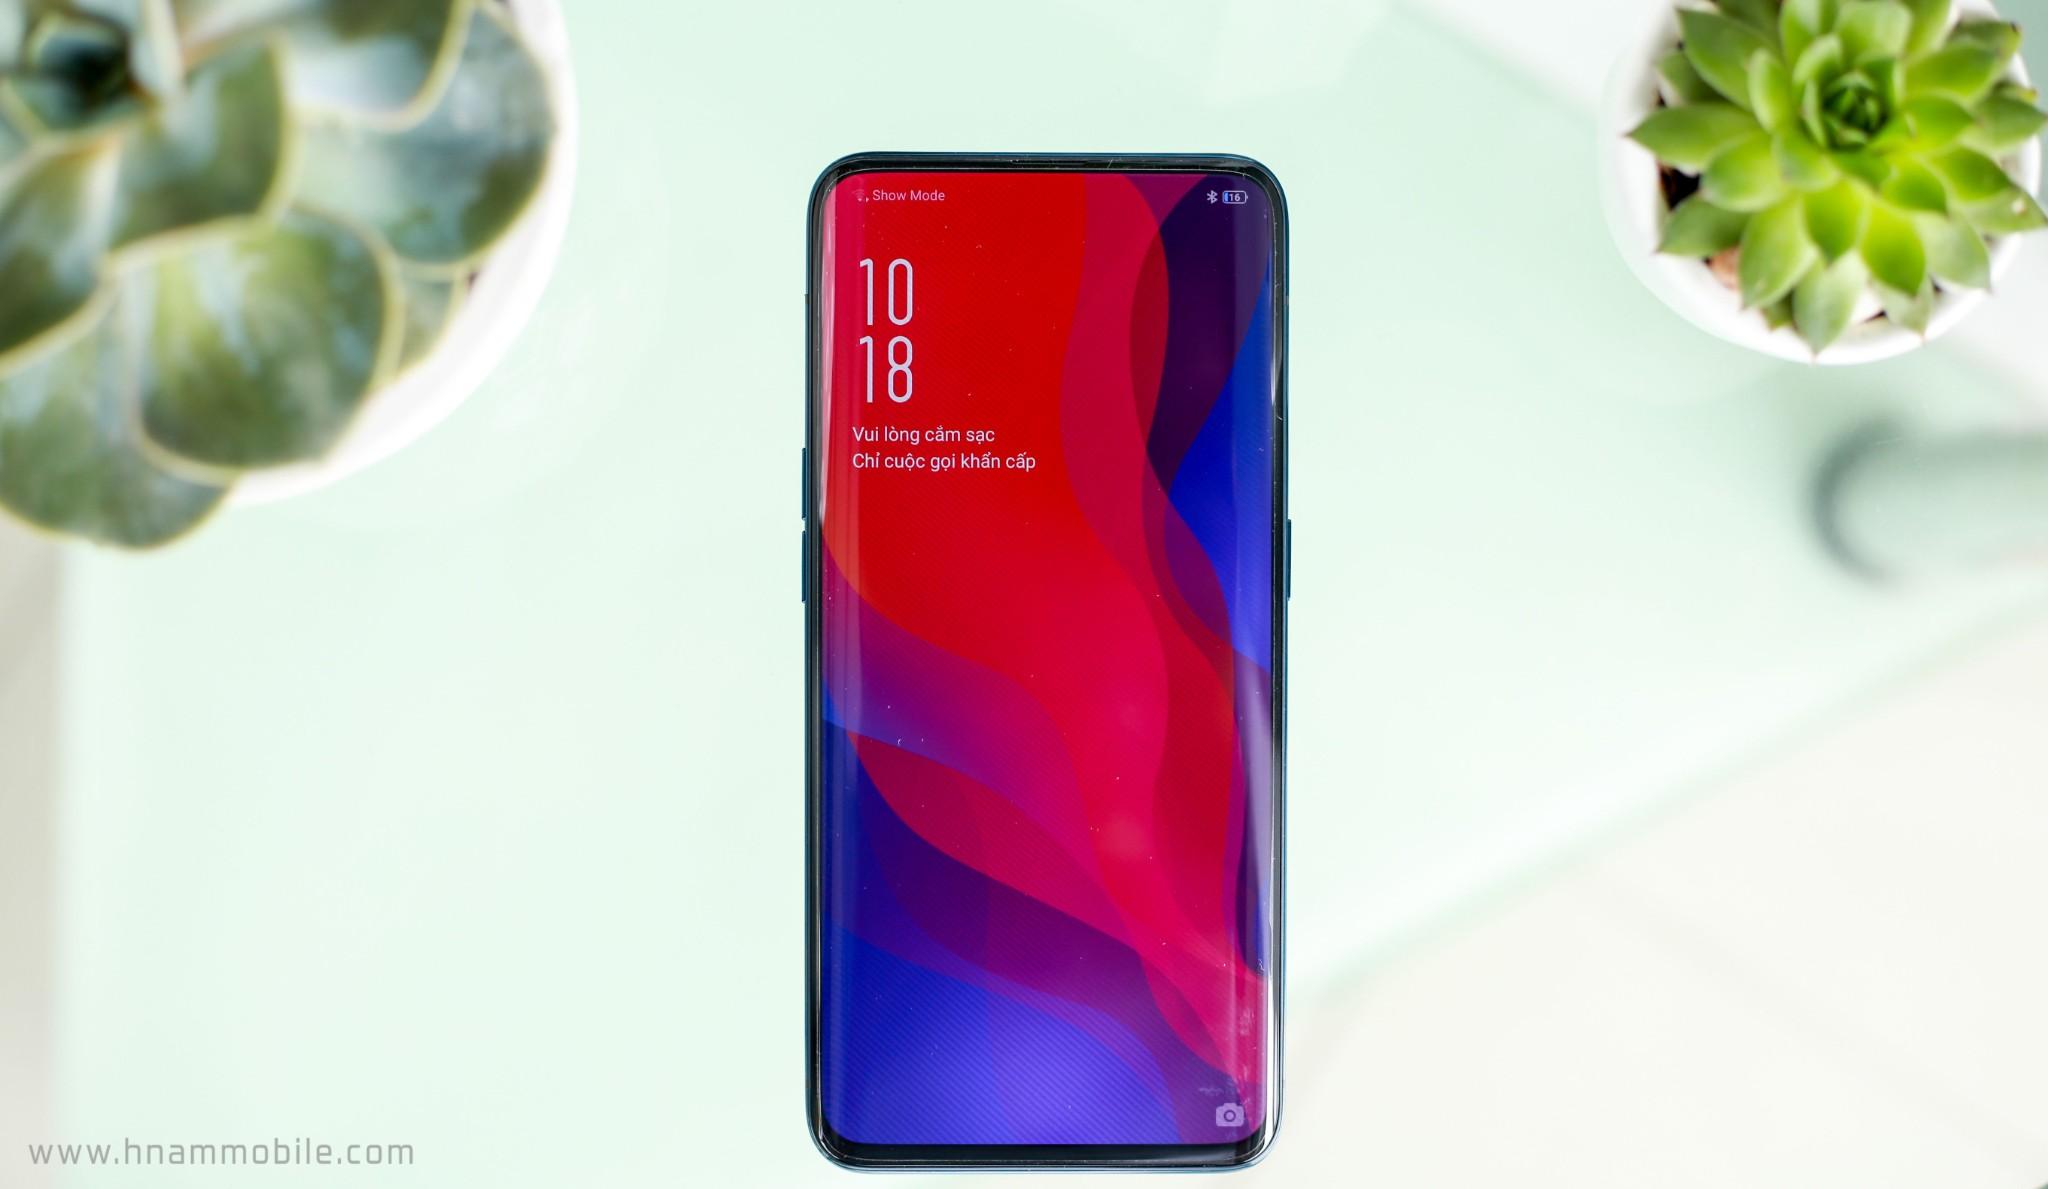 Trên tay OPPO Find X: Chiếc điện thoại đến từ tương lai? hình 3